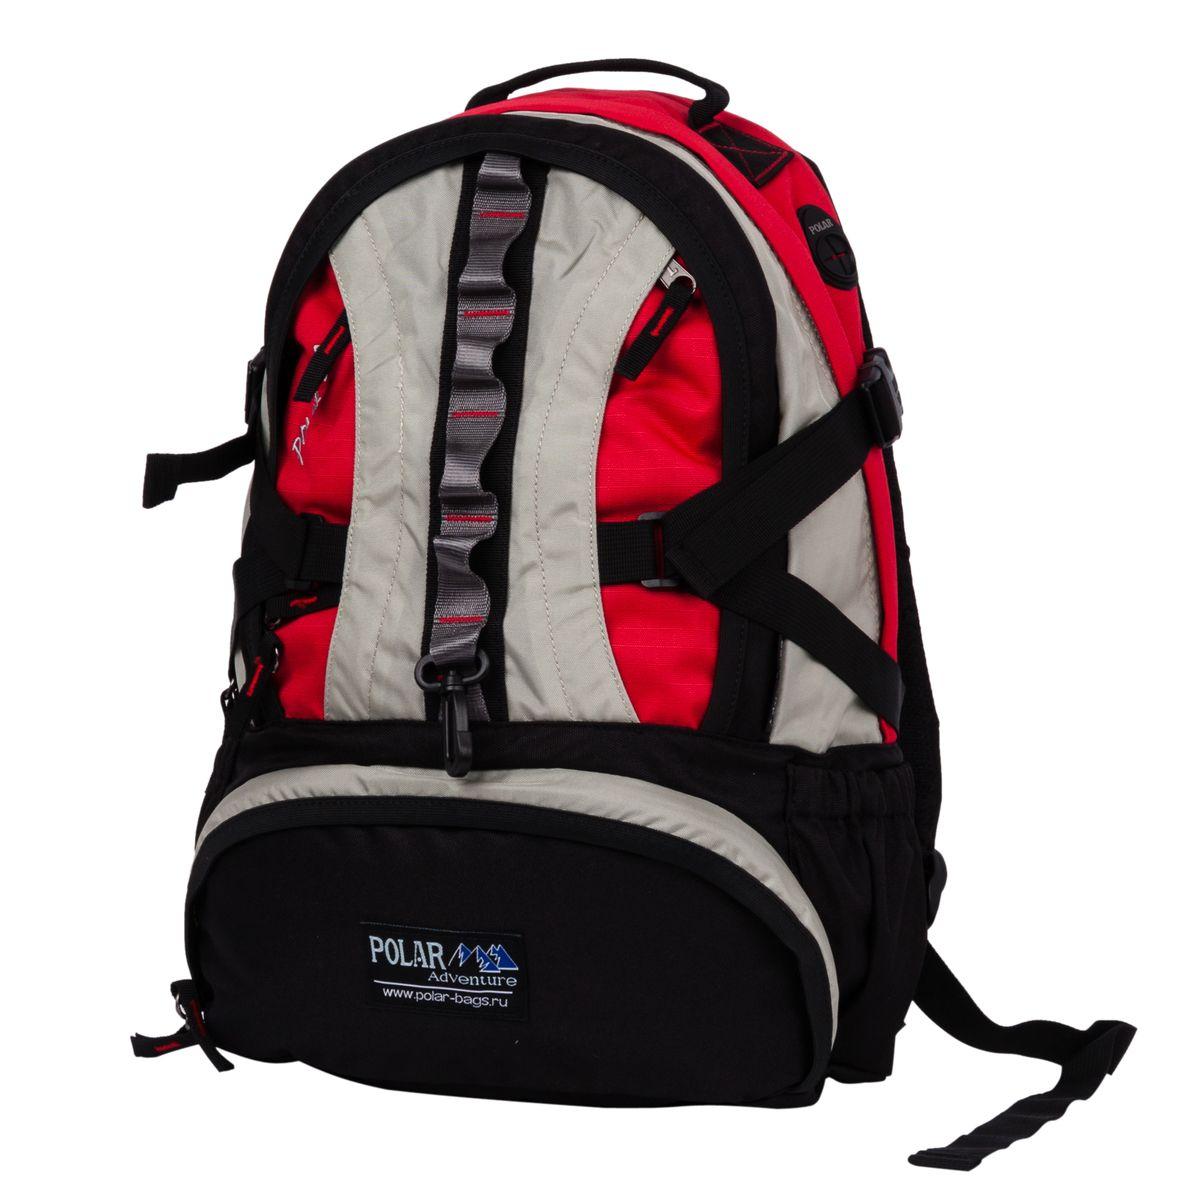 Рюкзак городской Polar, 27 л, цвет: красный. П1003-01П1003-01Городской рюкзак с модным дизайном предназначенный для города, путешествий и активного отдыха. Полностью вентилируемая и удобная спинка c системой циркуляции воздуха Air, мягкие плечевые лямки создают дополнительный комфорт при ношении. Основное отделение с внутренним отделением на молниях. Большие карманы для аксессуаров и персональных вещей. Центральный отсек для персональных вещей и документов A4 на двухсторонних молниях для удобства. Большой отсек для спортивной обуви т.п. Маленький карман для mp3, CD плеера. Выход для наушников. Два боковых кармана под бутылки с водой. Дождевик защищает рюкзак от намокания в дождливую погоду. Регулируемые ремни дают возможность крепления на рюкзак дополнительного оборудования. Регулируемая грудная стяжка с удобным фиксатором. Регулирующий поясной ремень удерживает плотно рюкзак на спине, что очень удобно при езде на велосипеде или продолжительных походах.